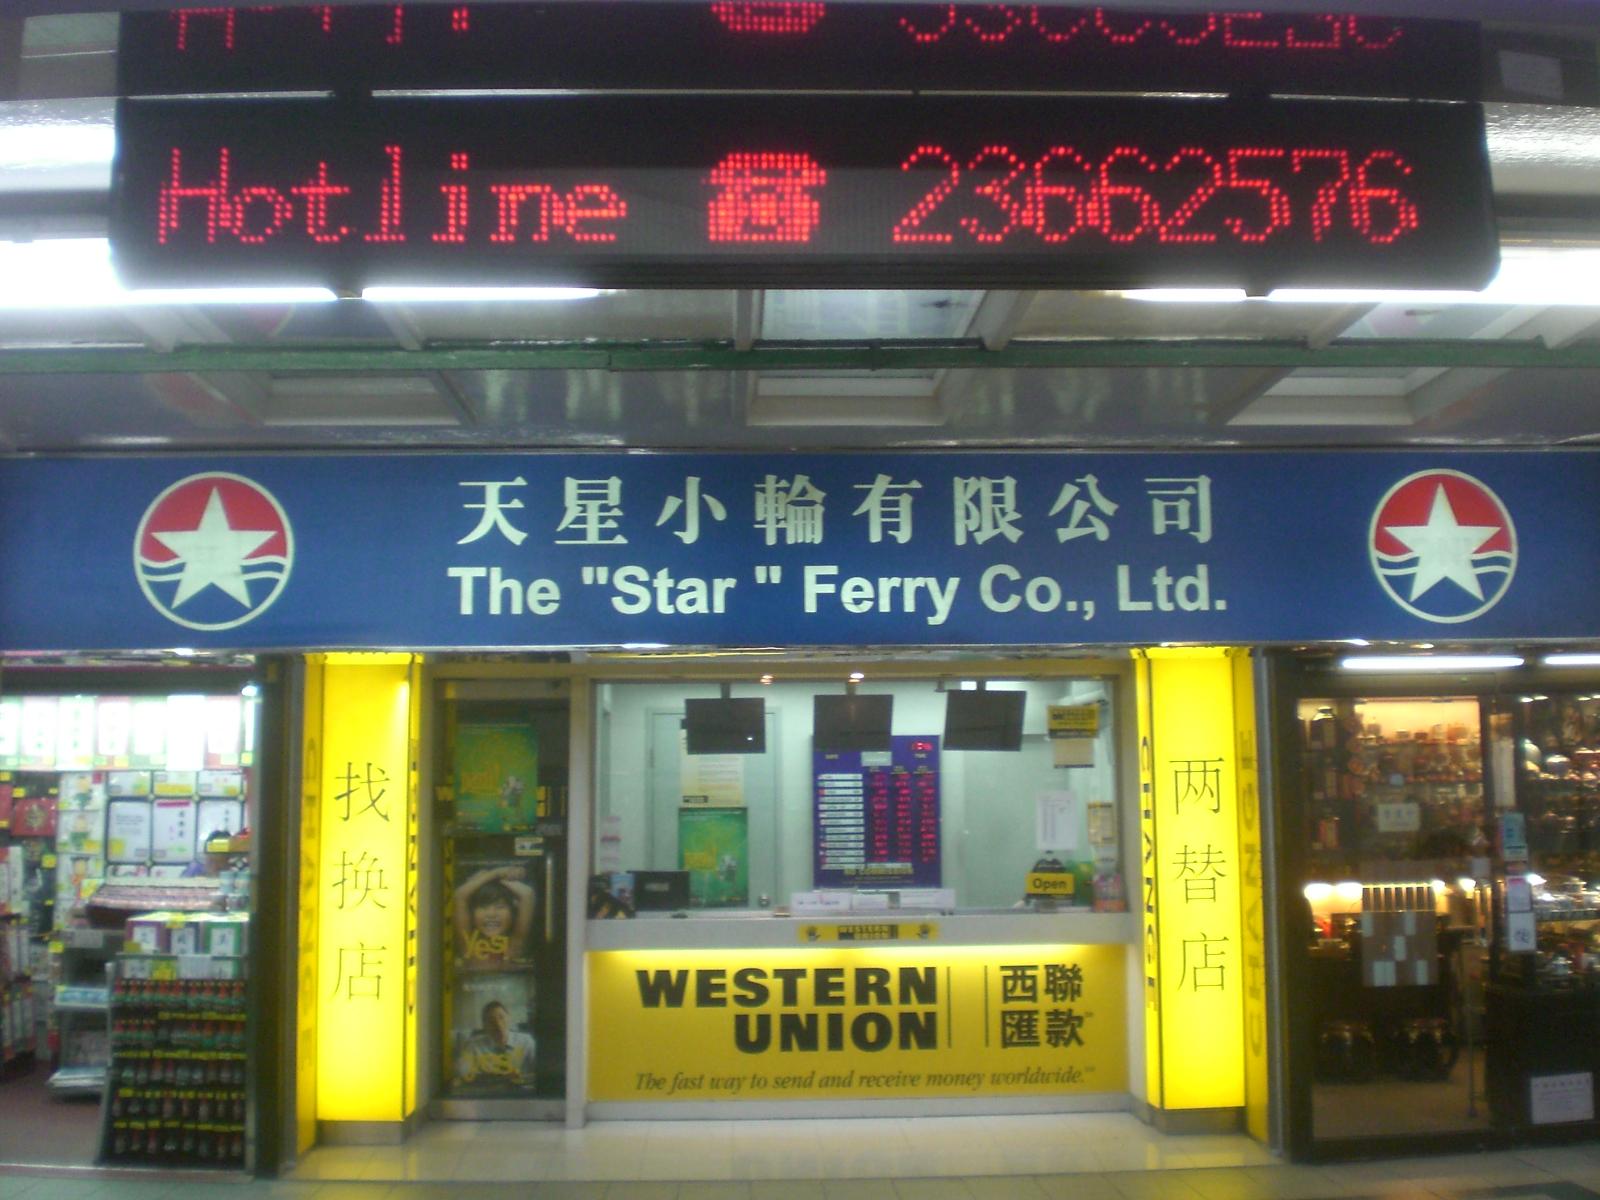 File:hk tst star ferry piers 西聯匯款 western union.jpg wikimedia